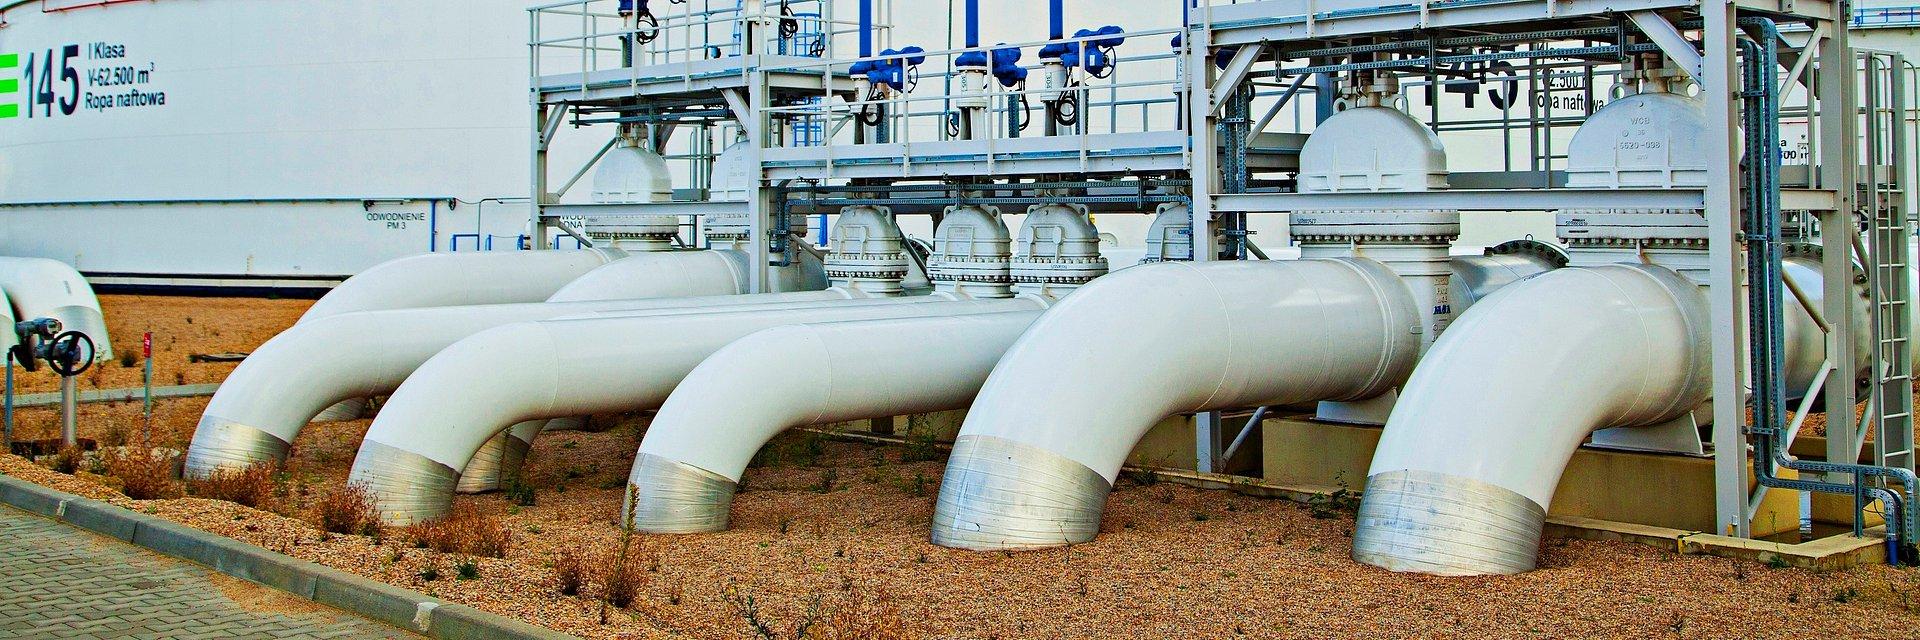 Komunikat w sprawie przesyłu zanieczyszczonej ropy naftowej do Polski